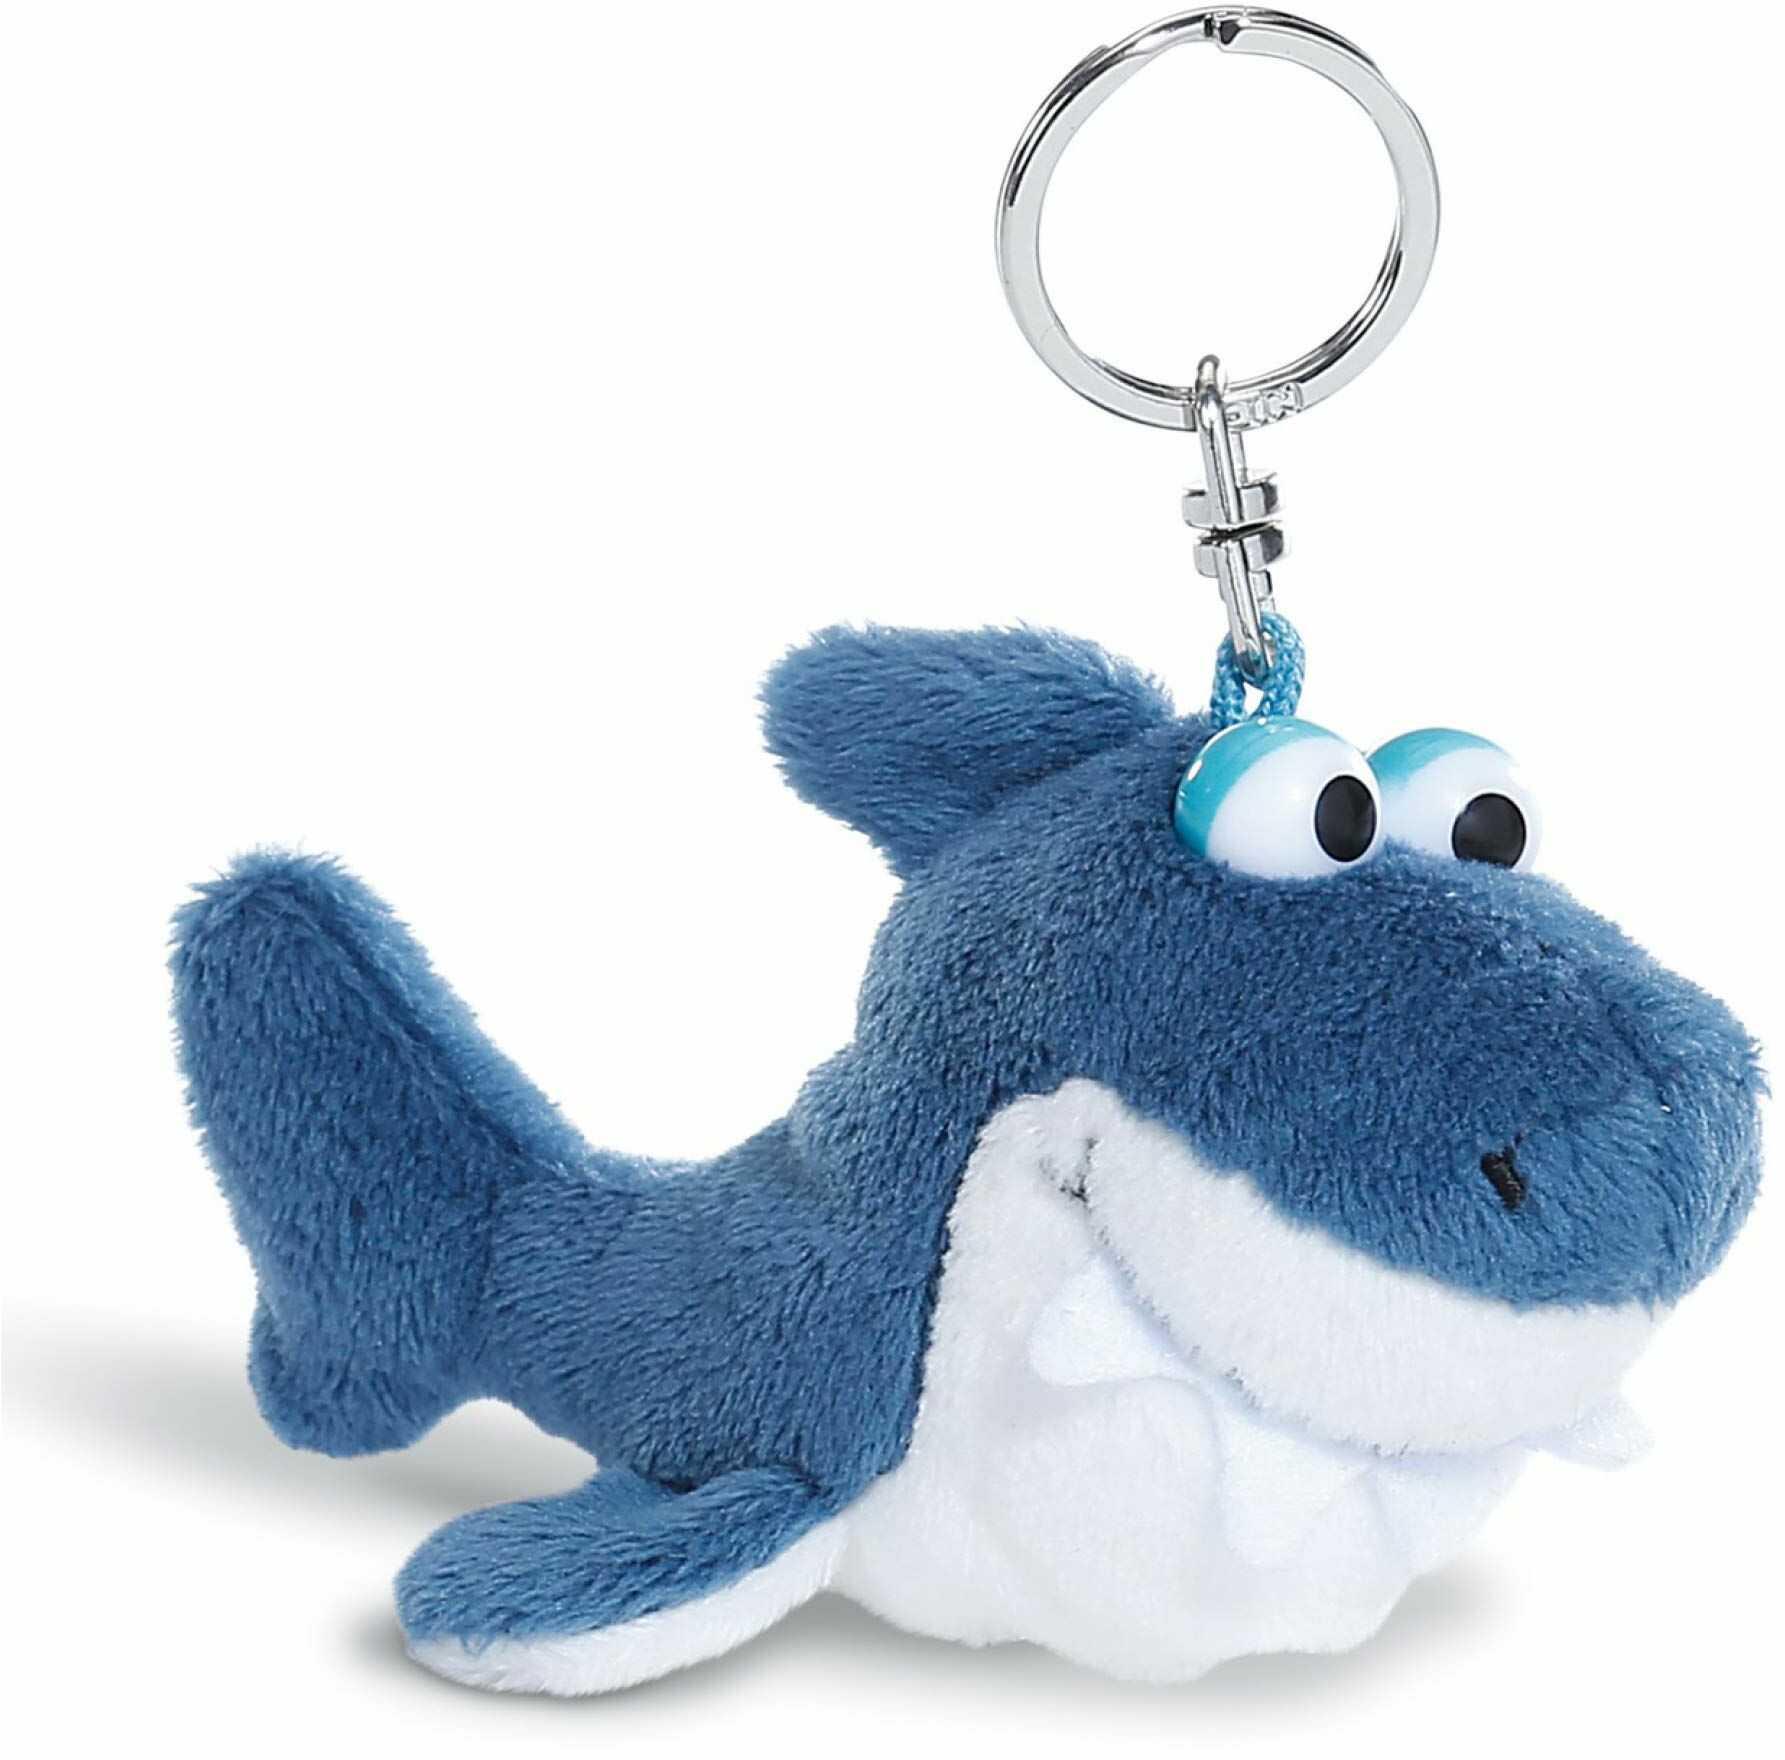 NICI Brelok do kluczy pluszowy rekin 10 cm  pluszowe zwierzątko rekin przywieszka do przytulania z kółkiem na klucze, pęk kluczy, brelok do kluczy i brelok  zawieszka rekina do torebki  45351